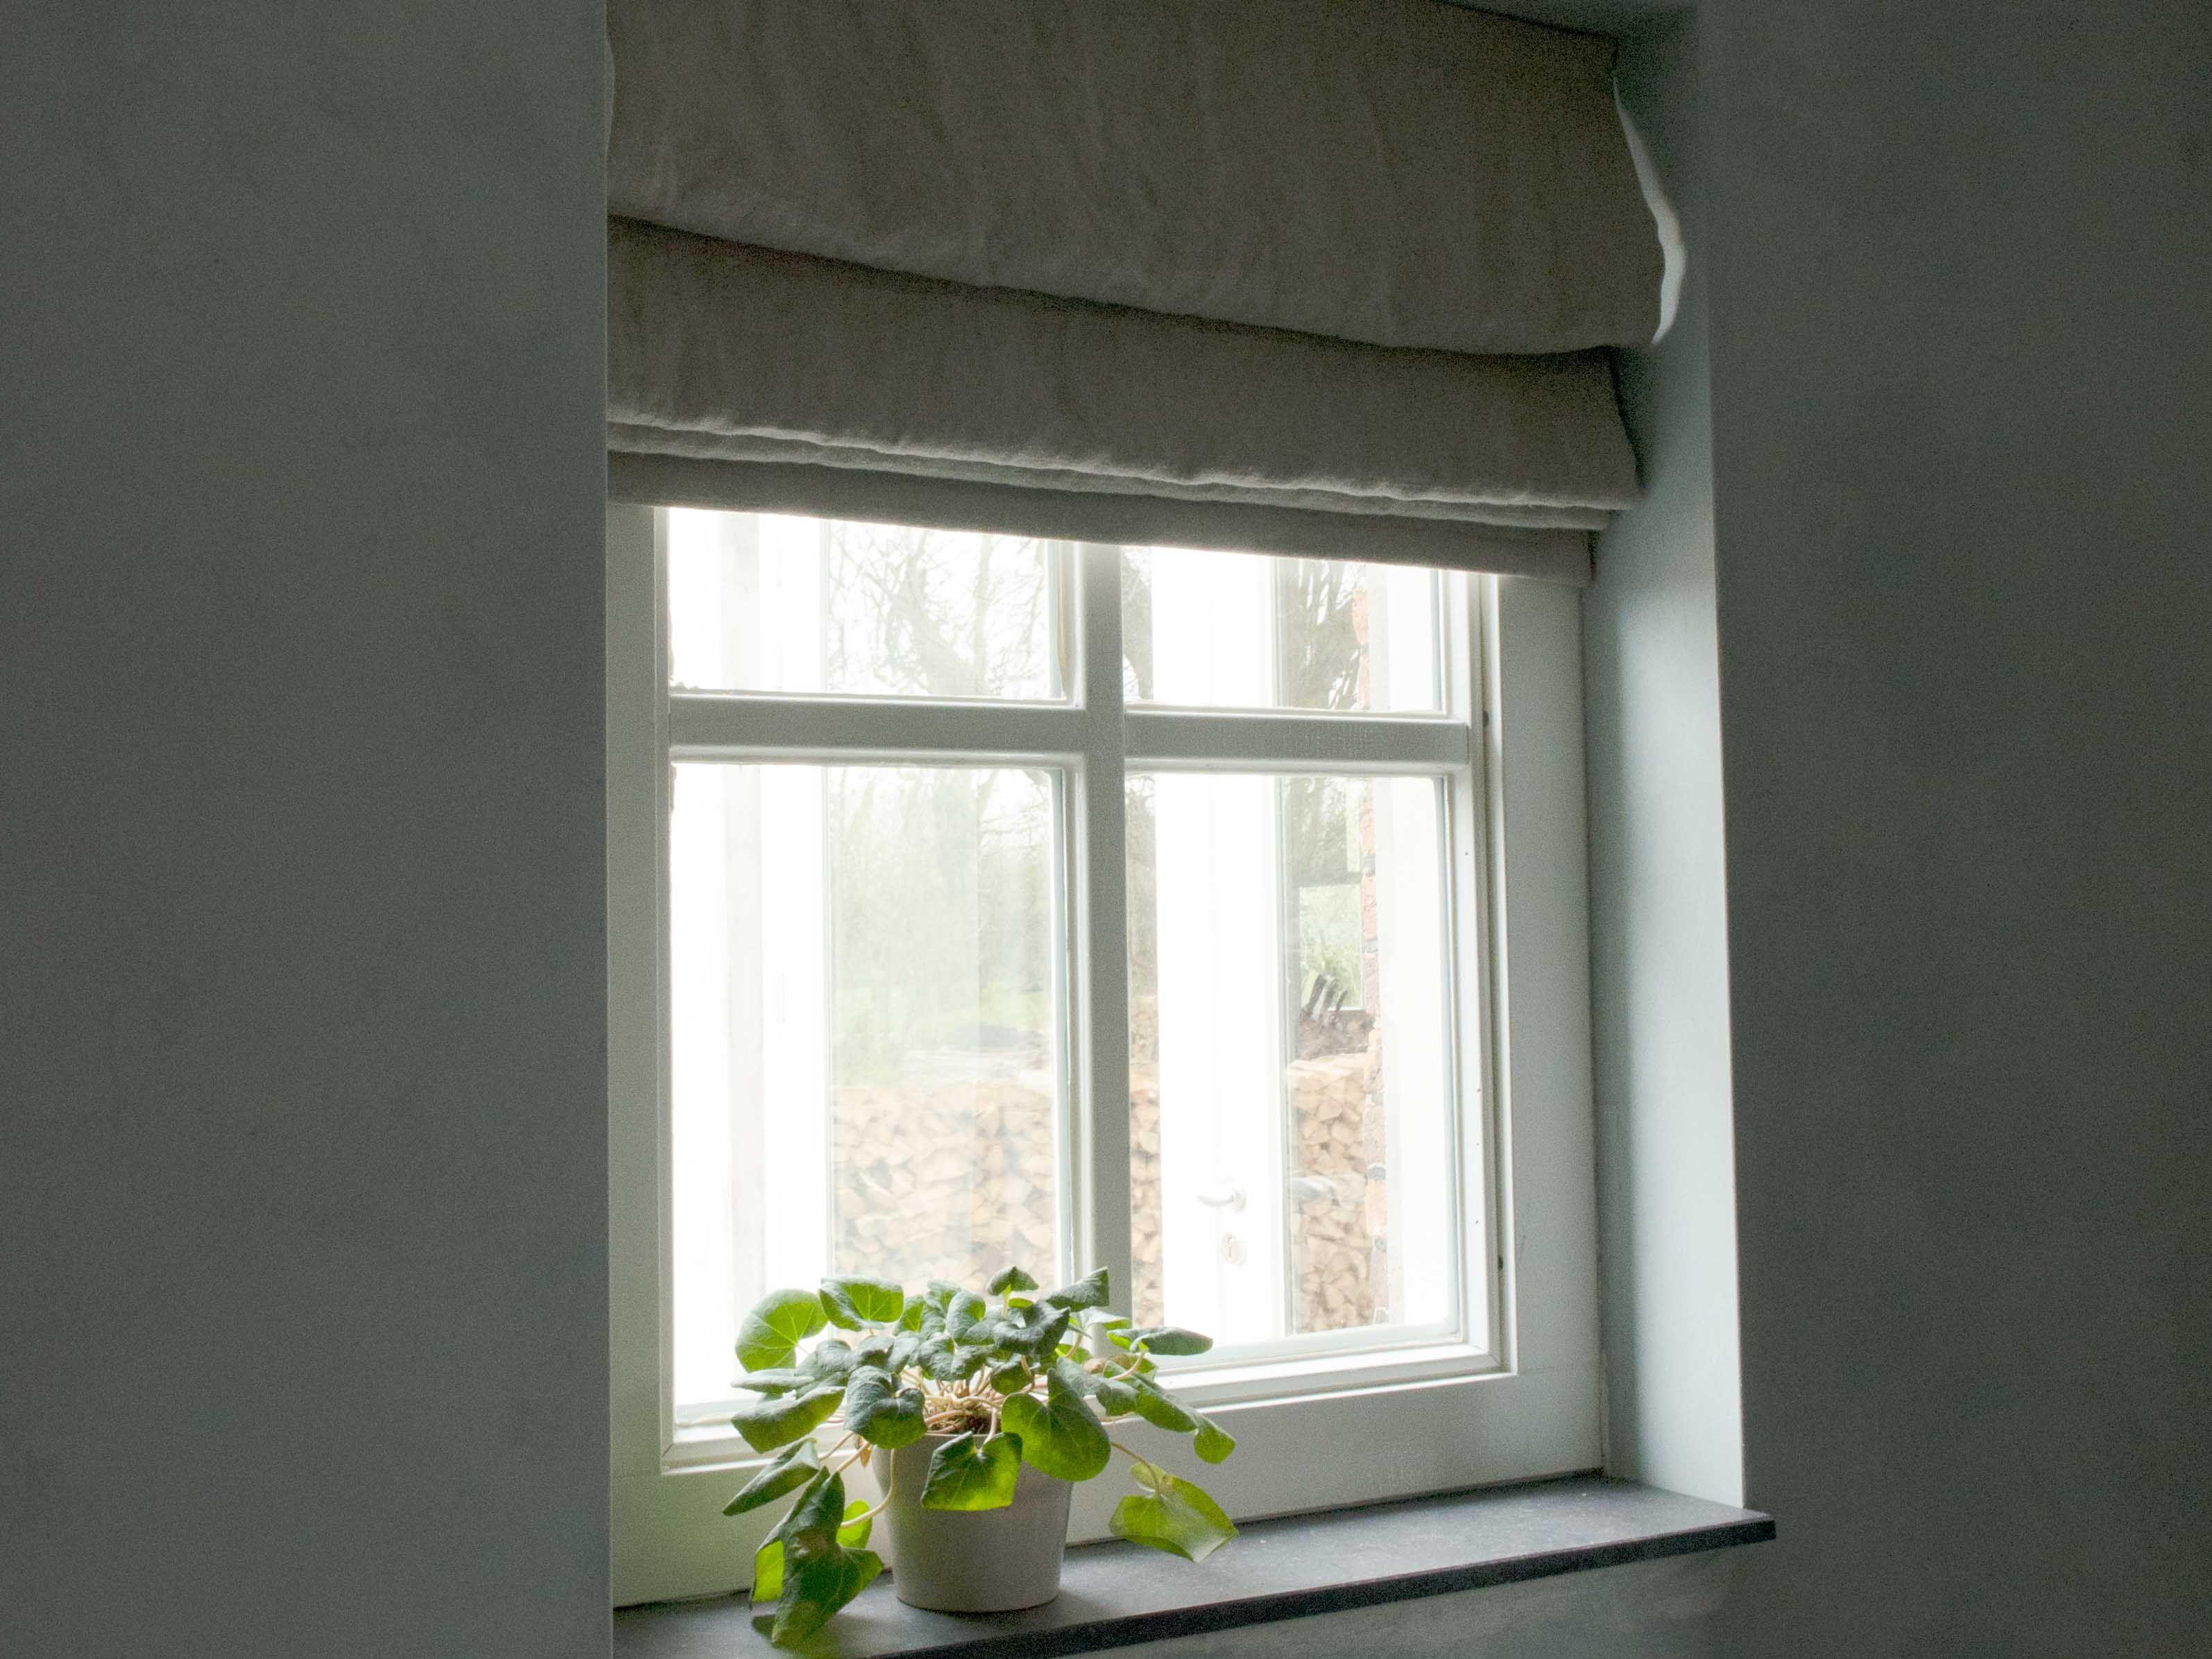 Afbeeldingsresultaat voor gordijnen blinds | gordijnen/blinds ...